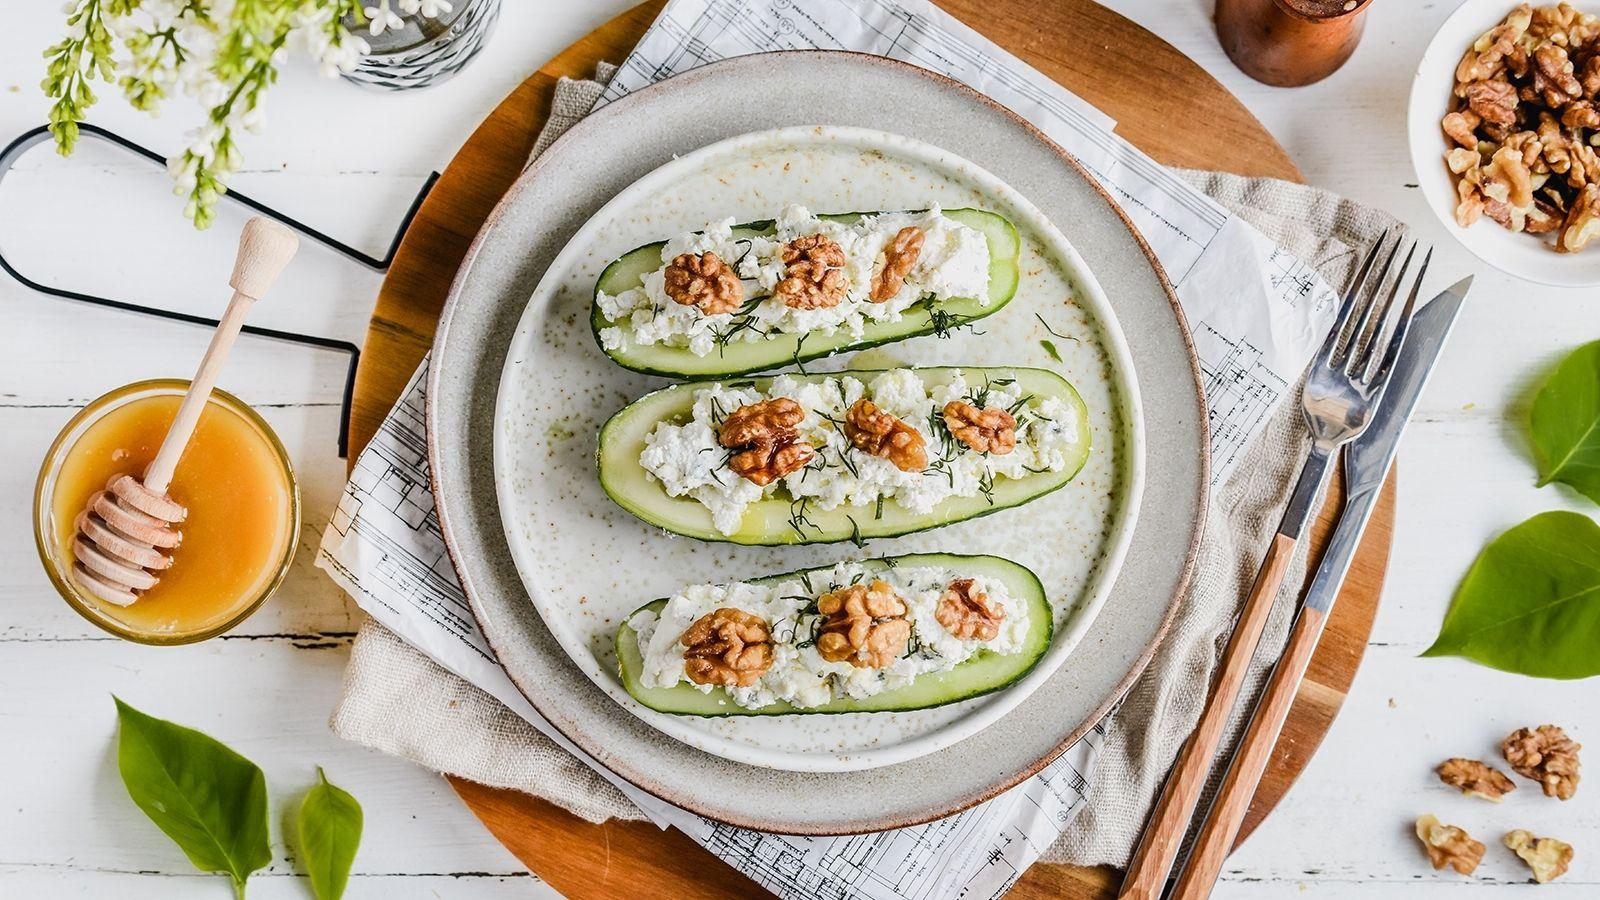 Ogórkowe łódeczki nadziewane serem gorgonzola i twarożkiem